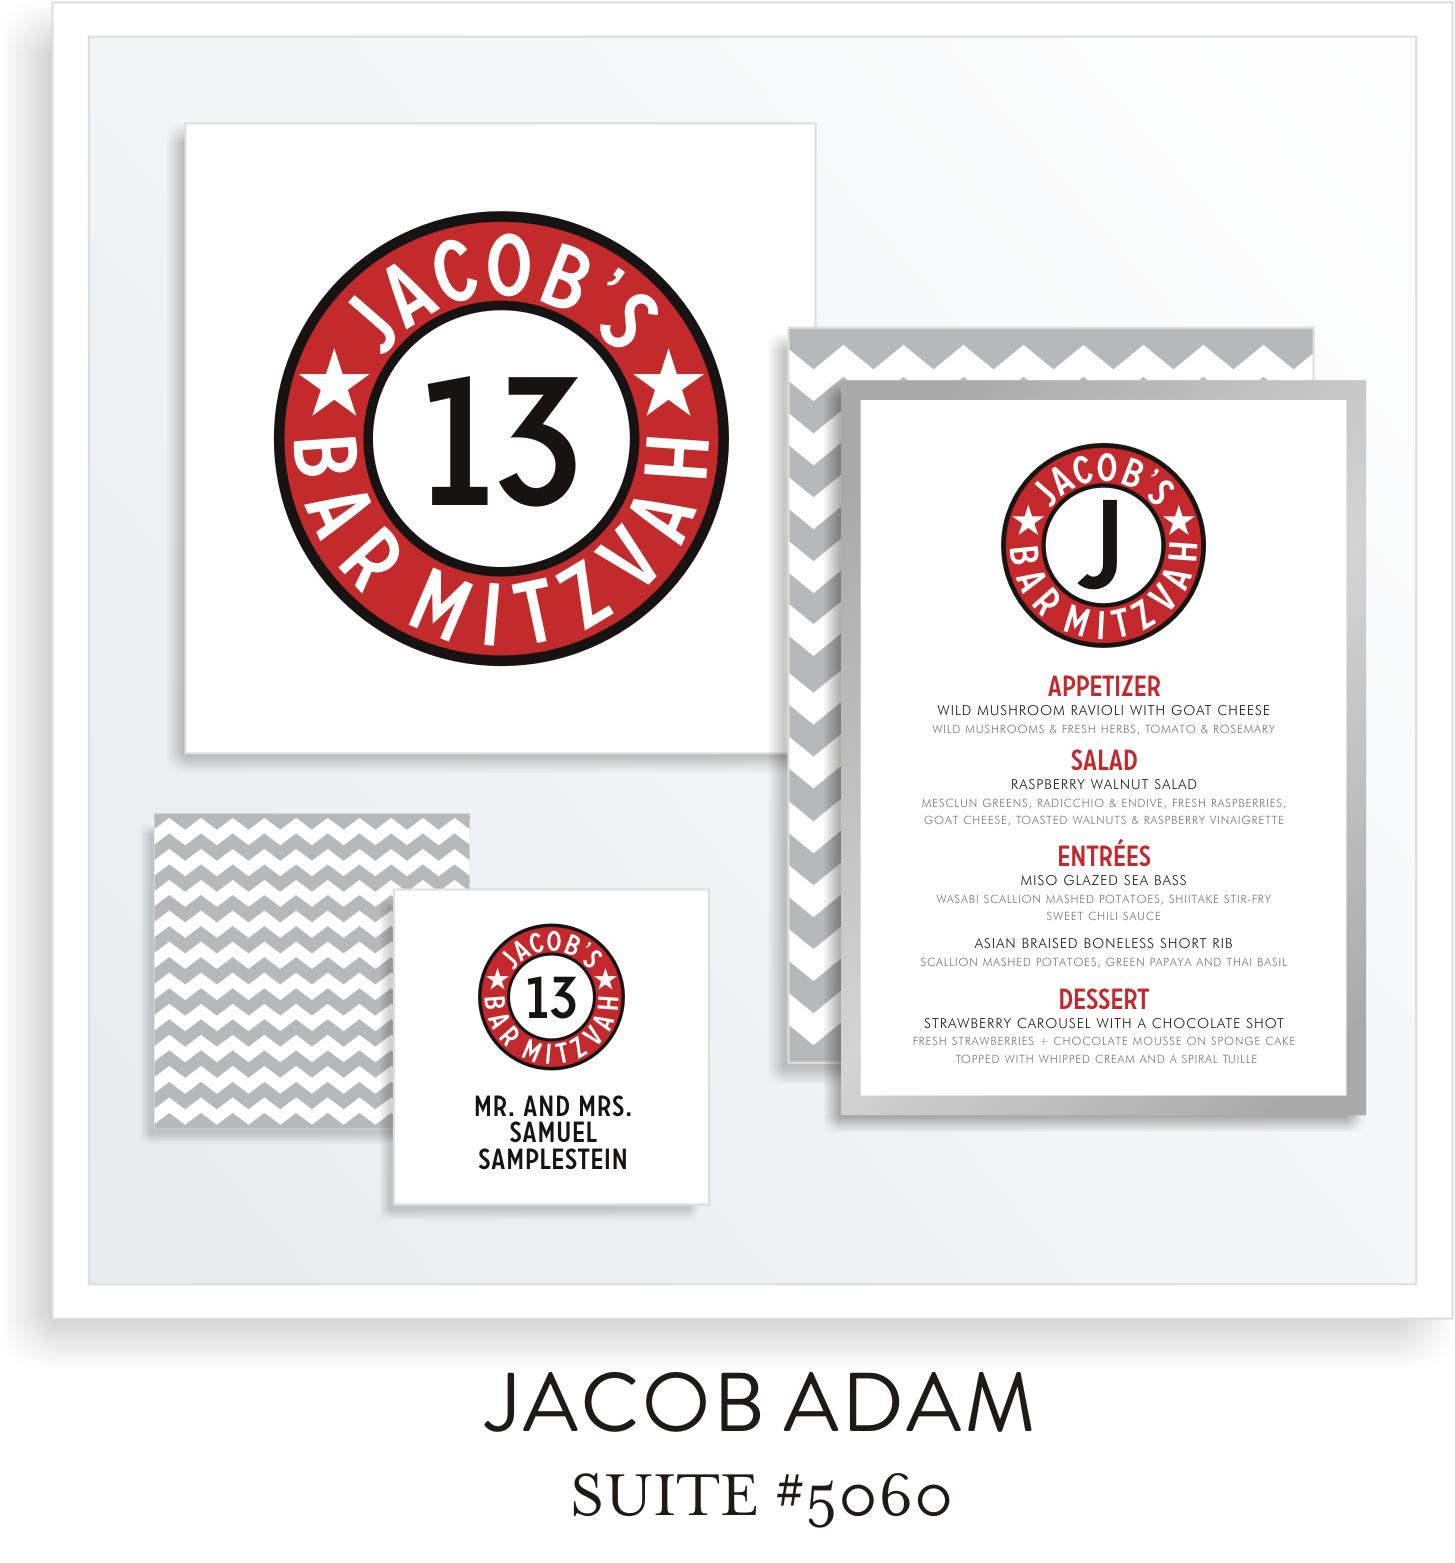 Table Top Decor Bar Mitzvah Suite 5060 - Jacob Adam